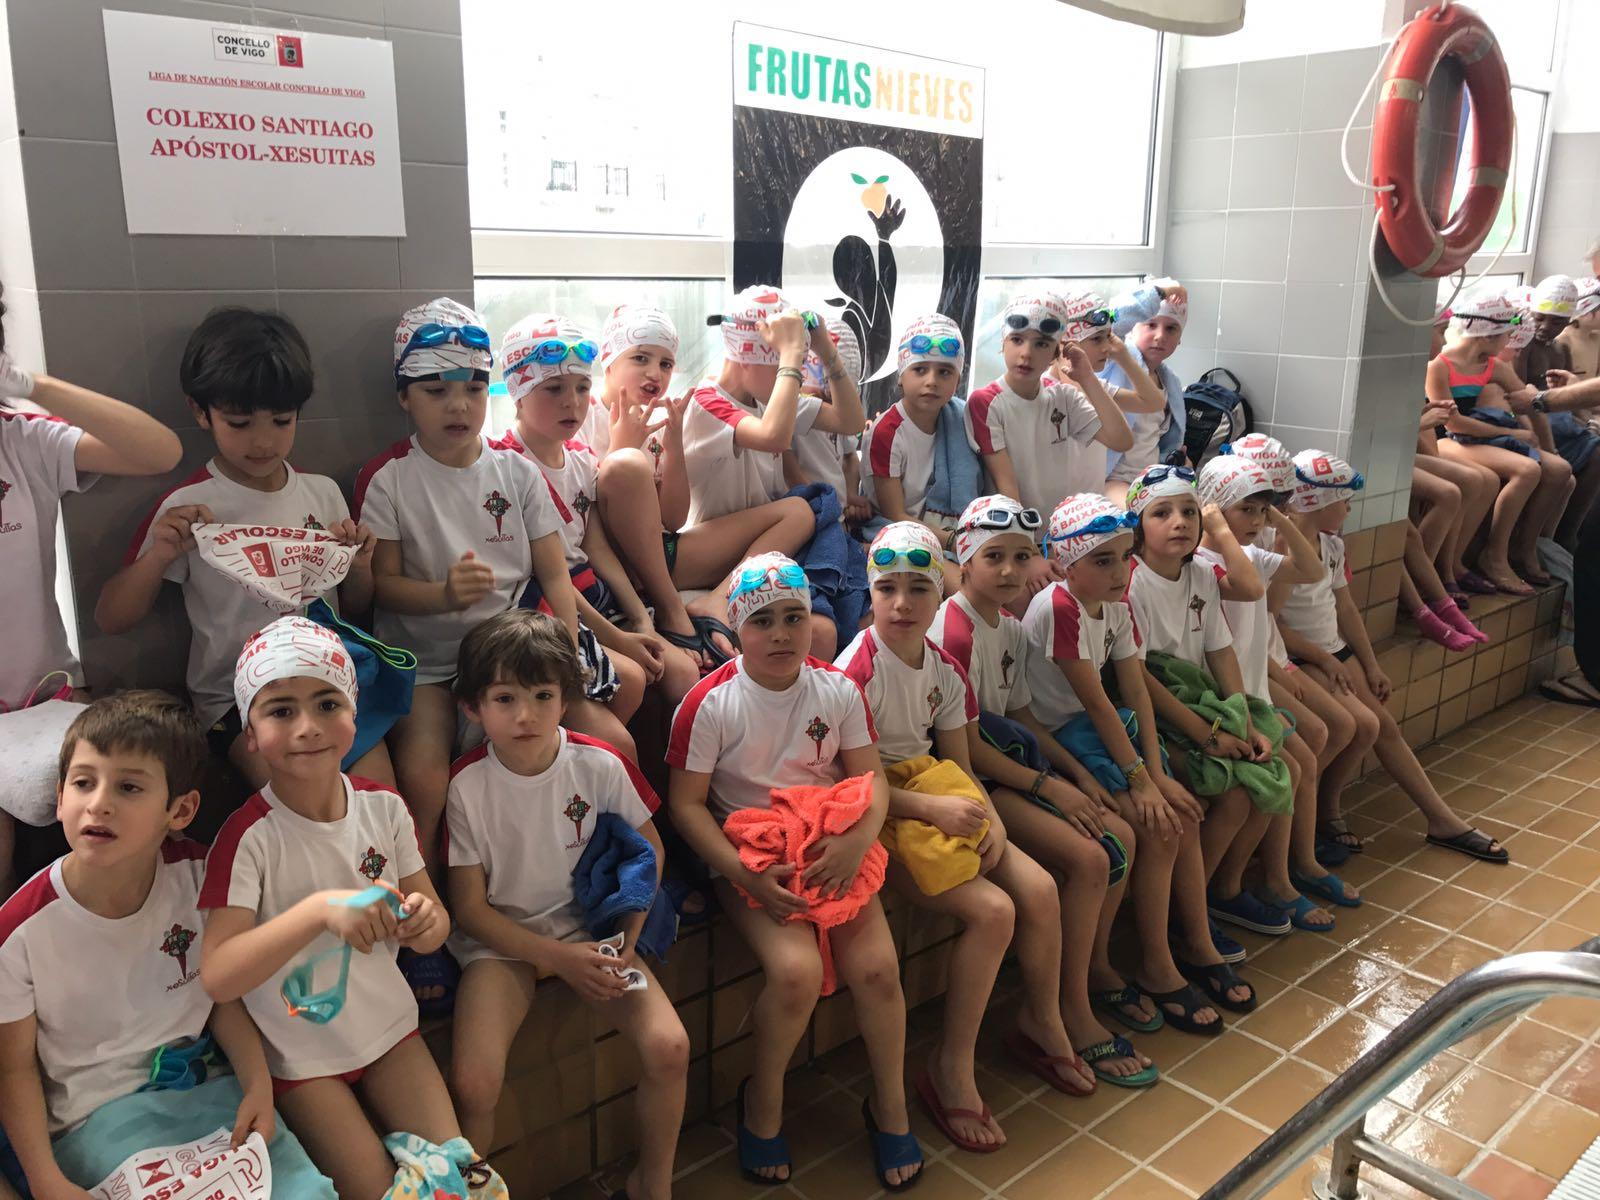 Anpa jesuitas vigo 1 jornada de la liga escolar de natacion for Piscina del carmen vigo